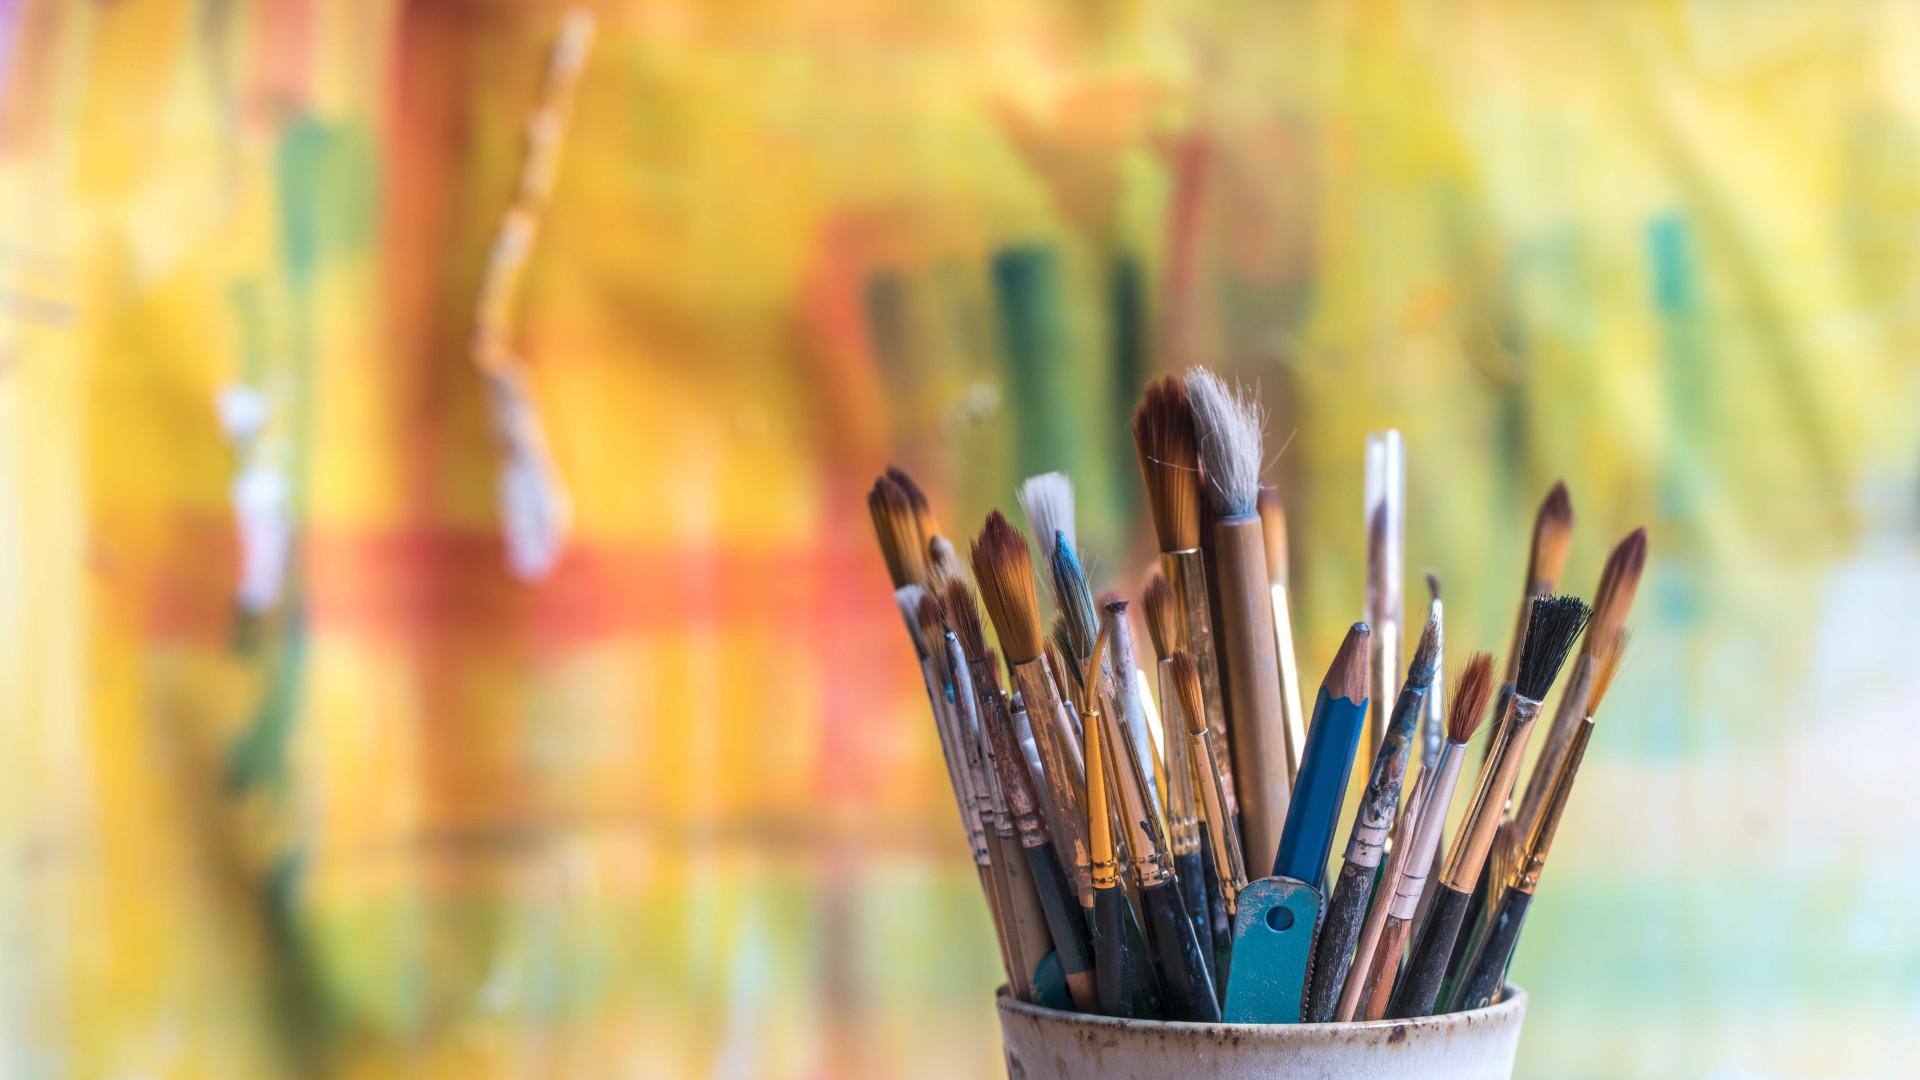 Pintor José Loureiro vai expor na Galerie Maubert em Paris